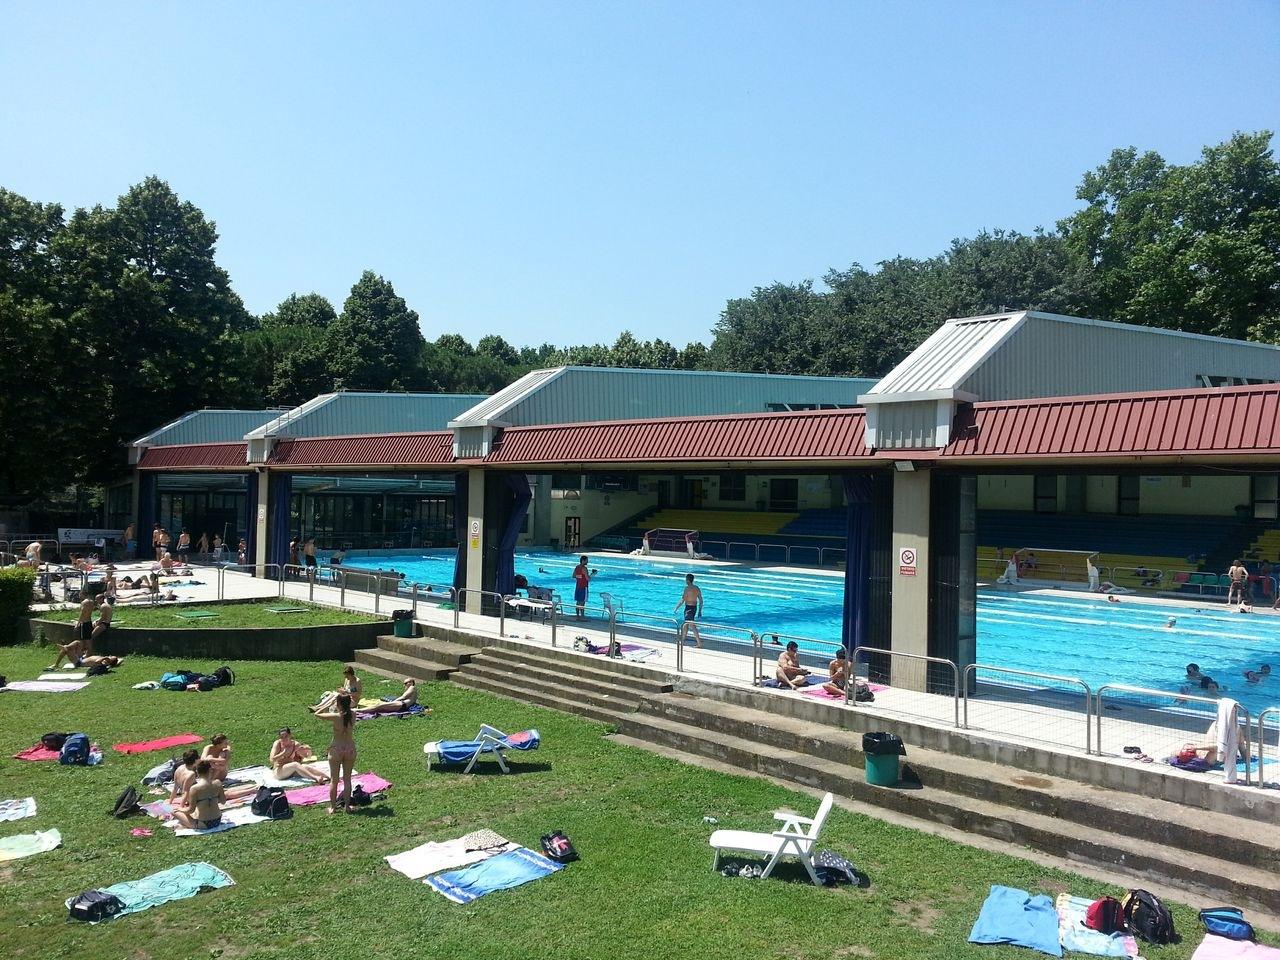 Piscina di bellariva con ampie vetrate e parco - Ipoclorito di calcio per piscine ...